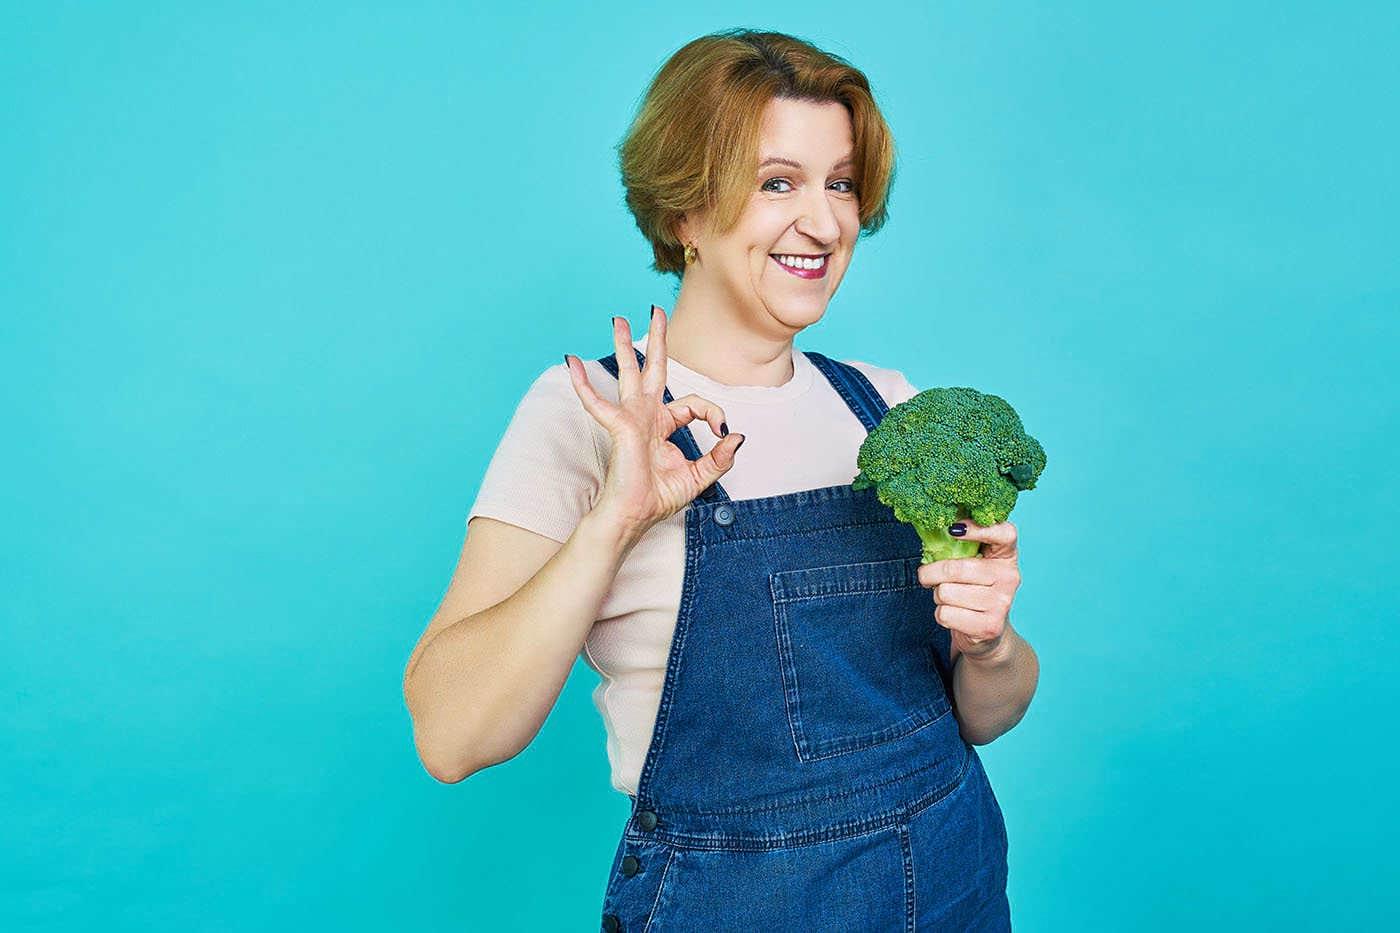 Consumul de broccoli și varză de Bruxelles poate menține sănătatea vaselor de sânge [studiu]